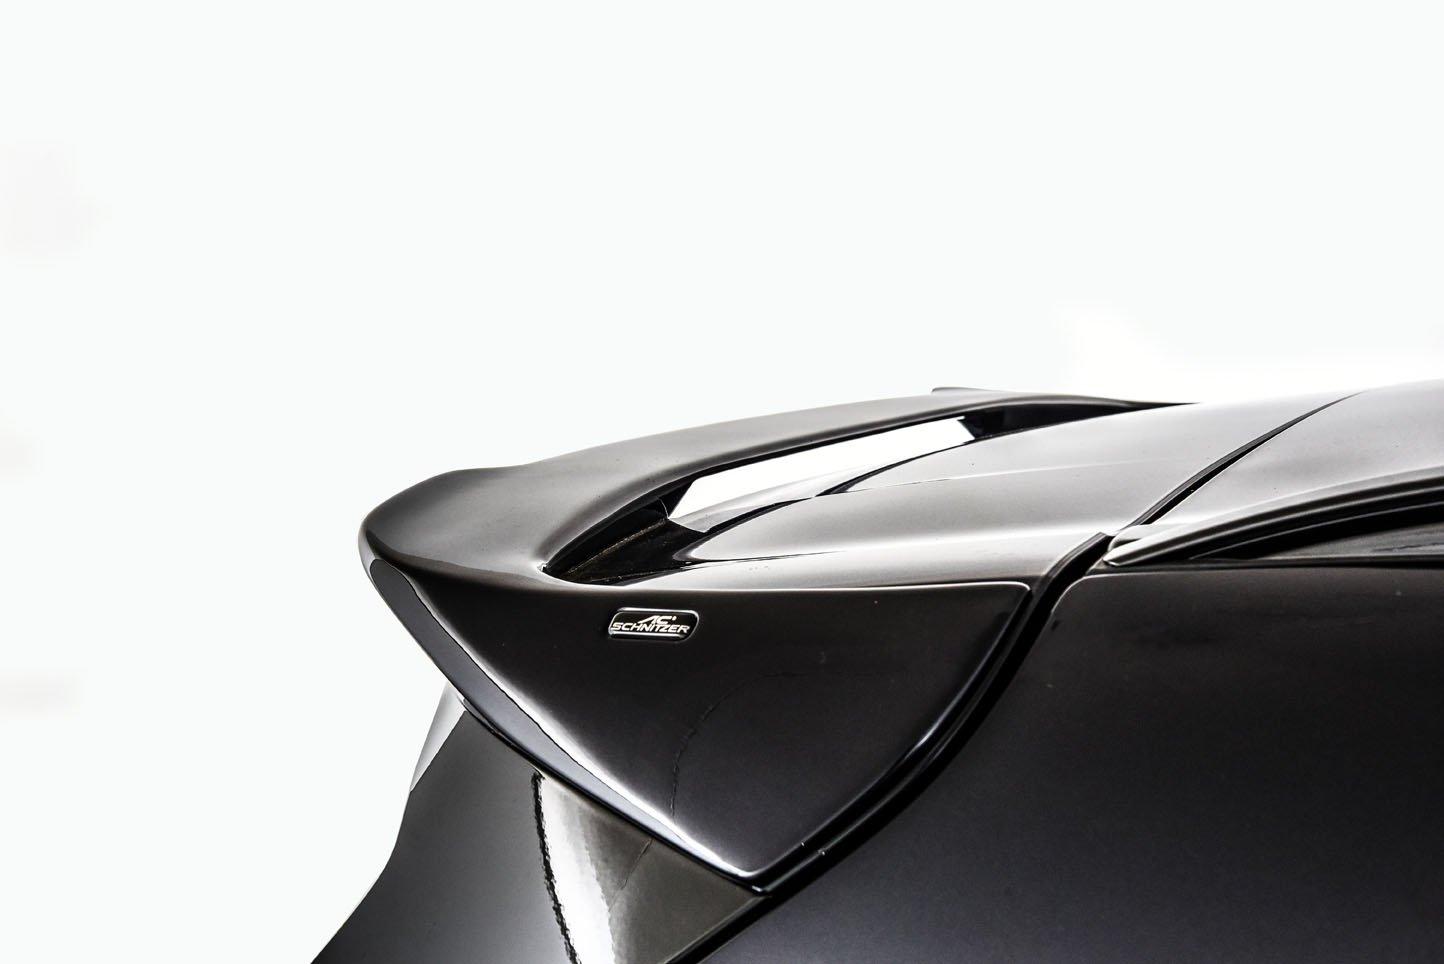 BMW-X5-by-AC-Schnitzer-2019-28